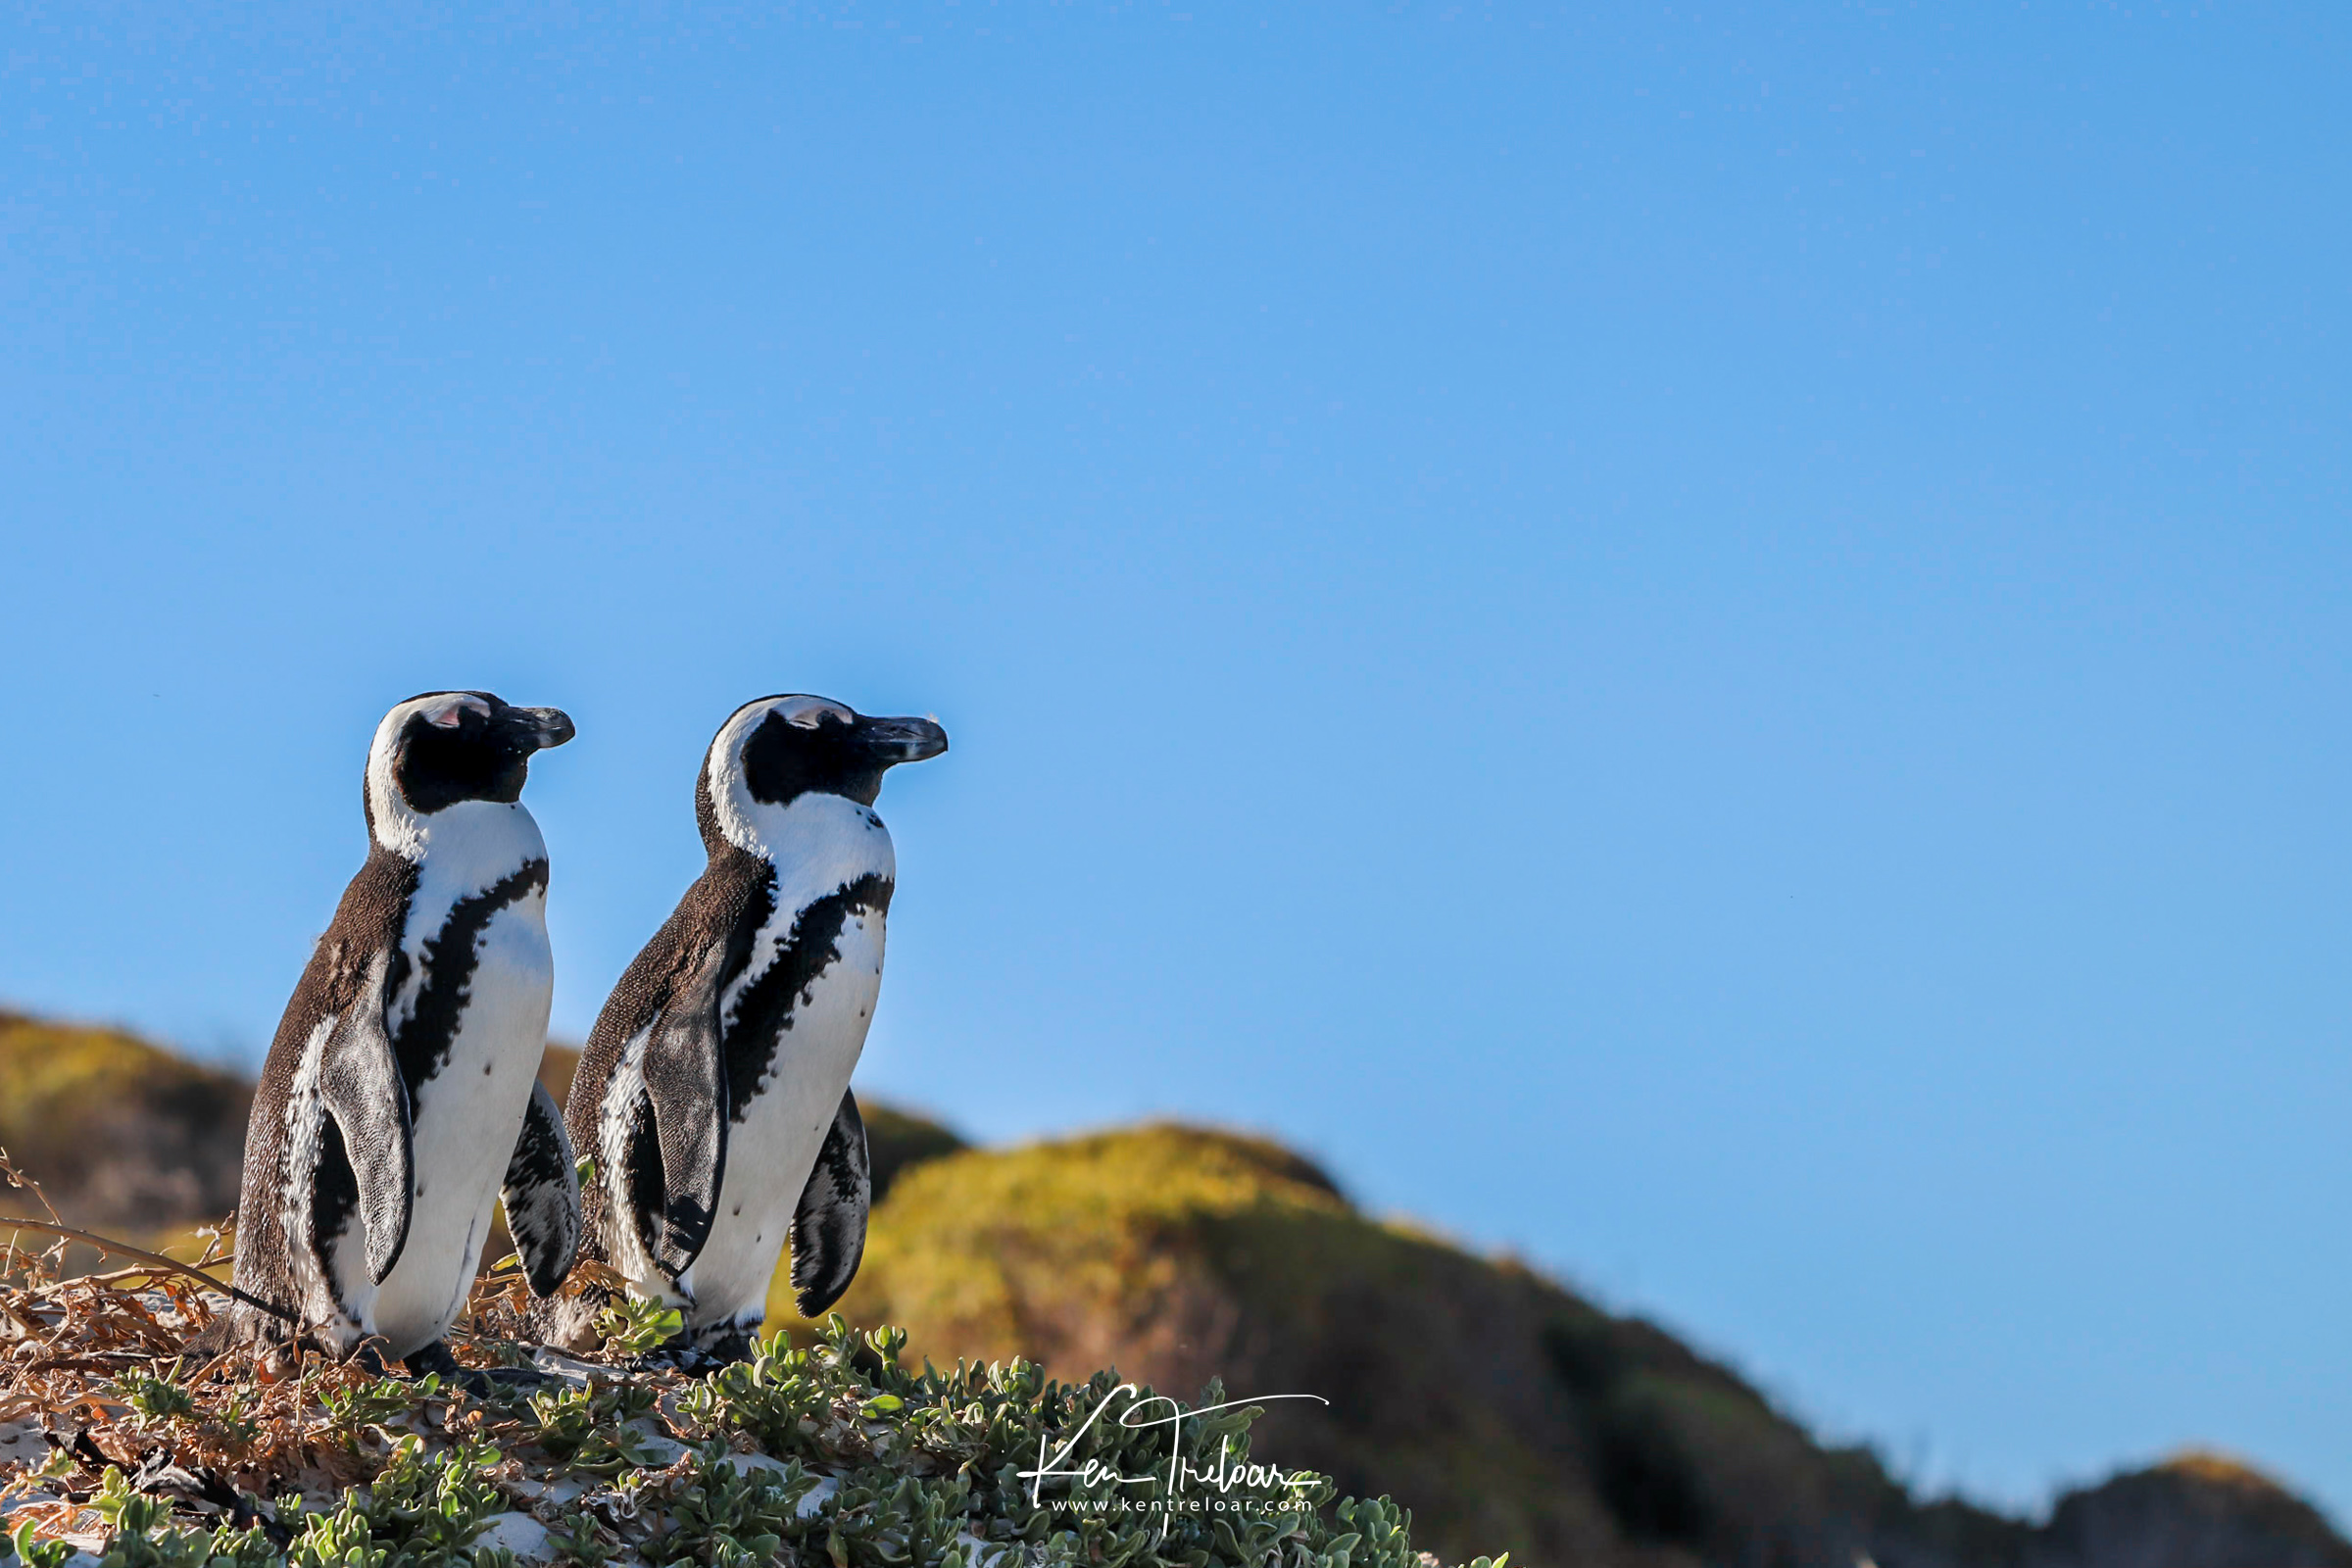 Penguins - Cape Town - Boulders Beach Penguinos Ciudad del Cabo